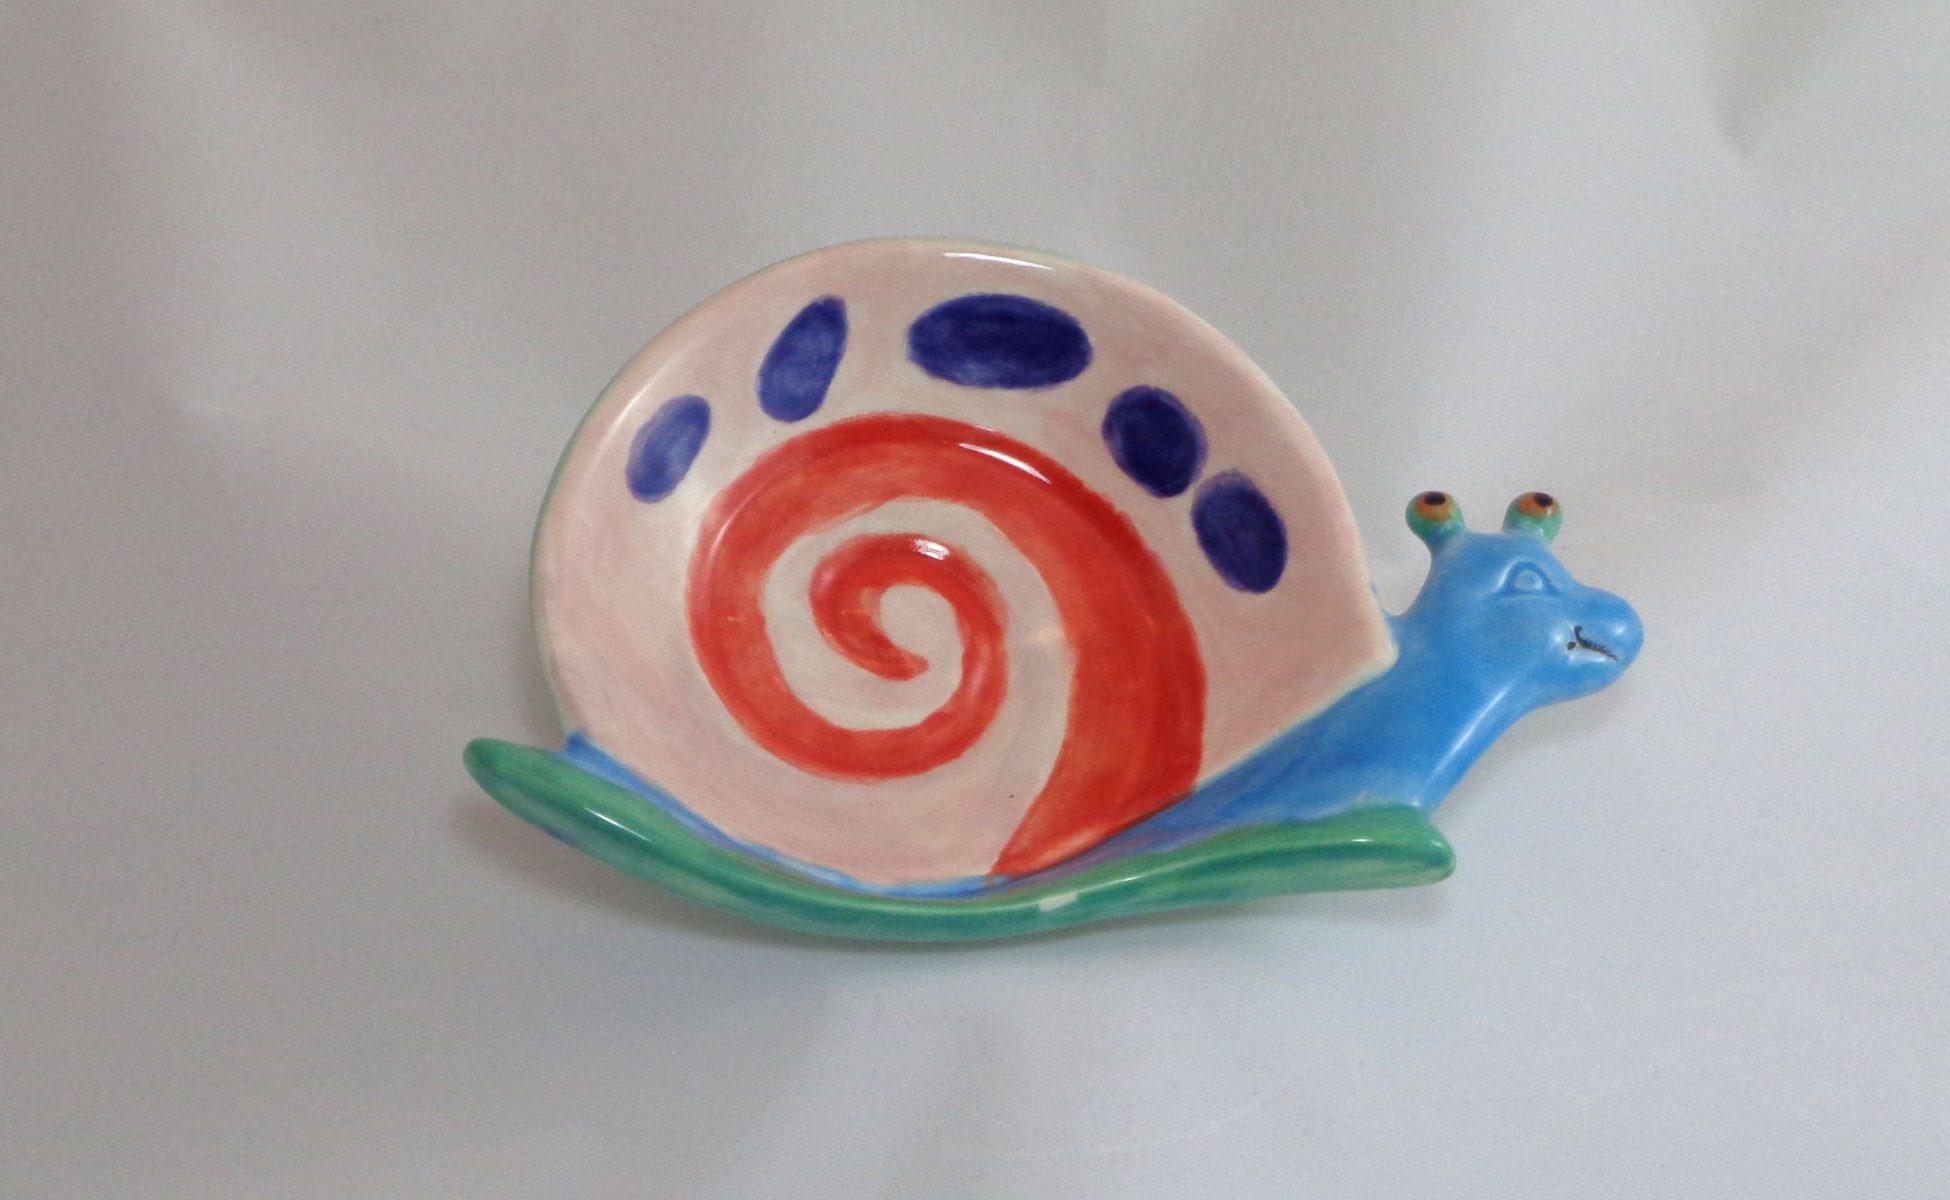 Bemalte Keramik Schnecken-Teller Gary